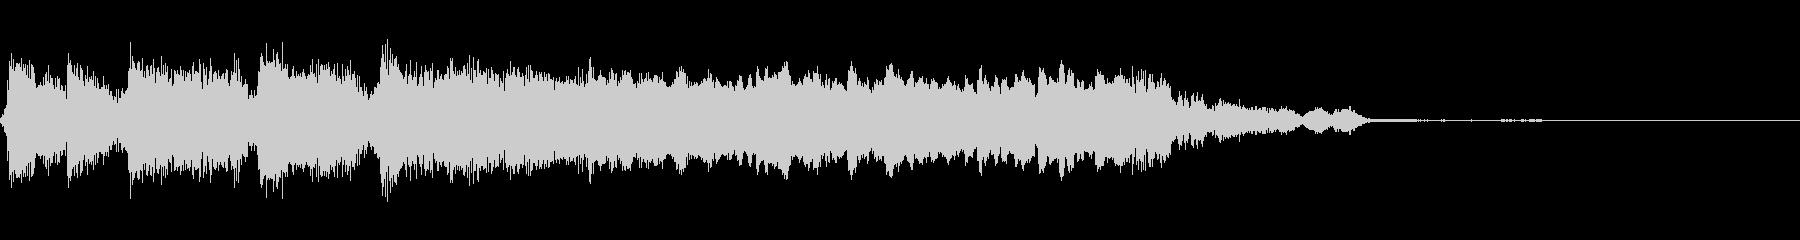 アグレッシブリック3の未再生の波形